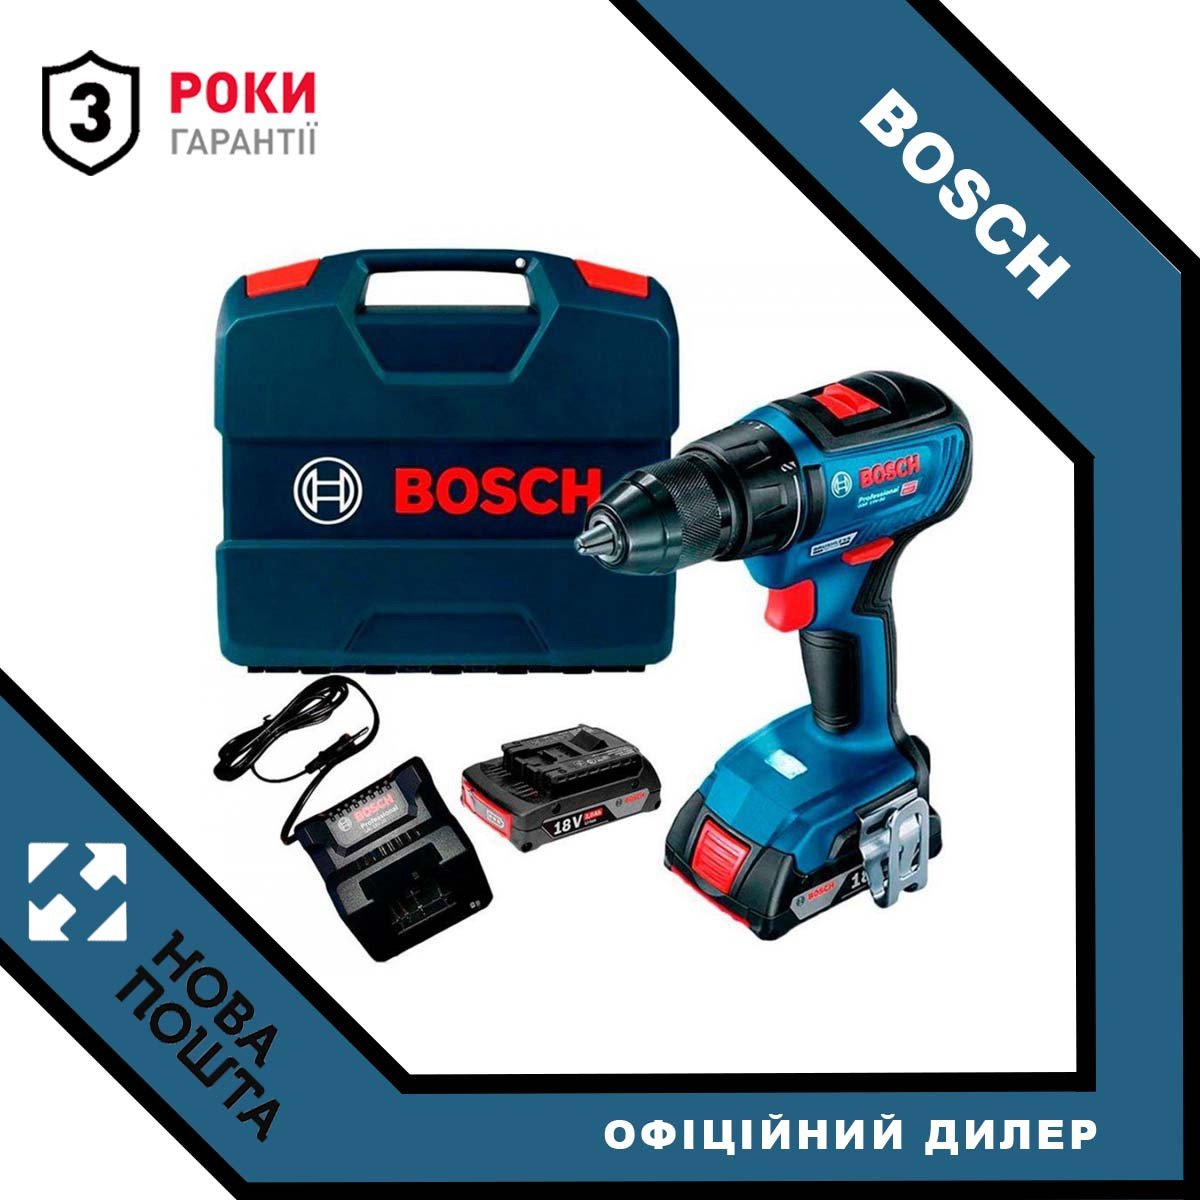 Аккумуляторный шуруповерт Bosch GSR 18V-50 (06019H5000)